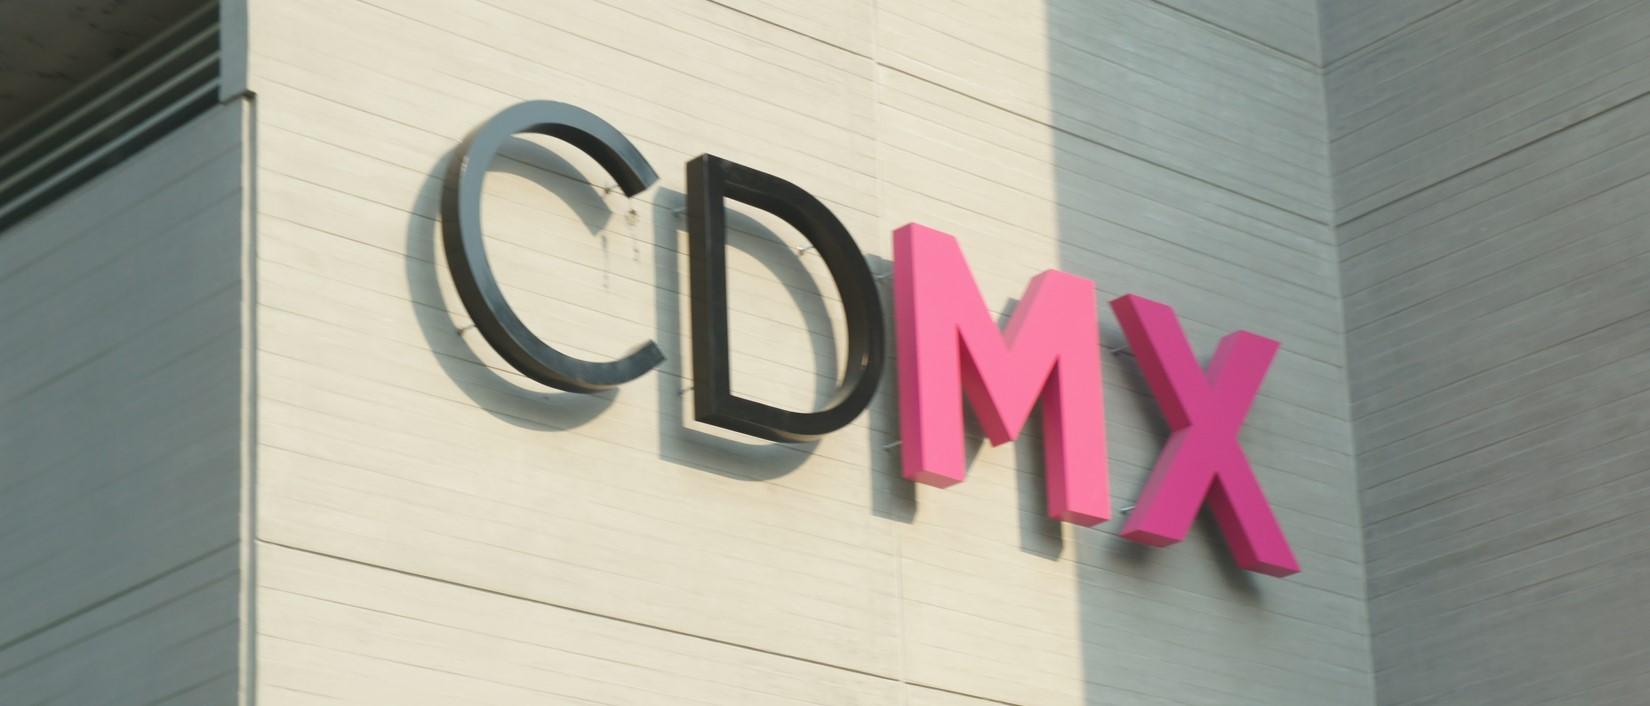 cdmx_4